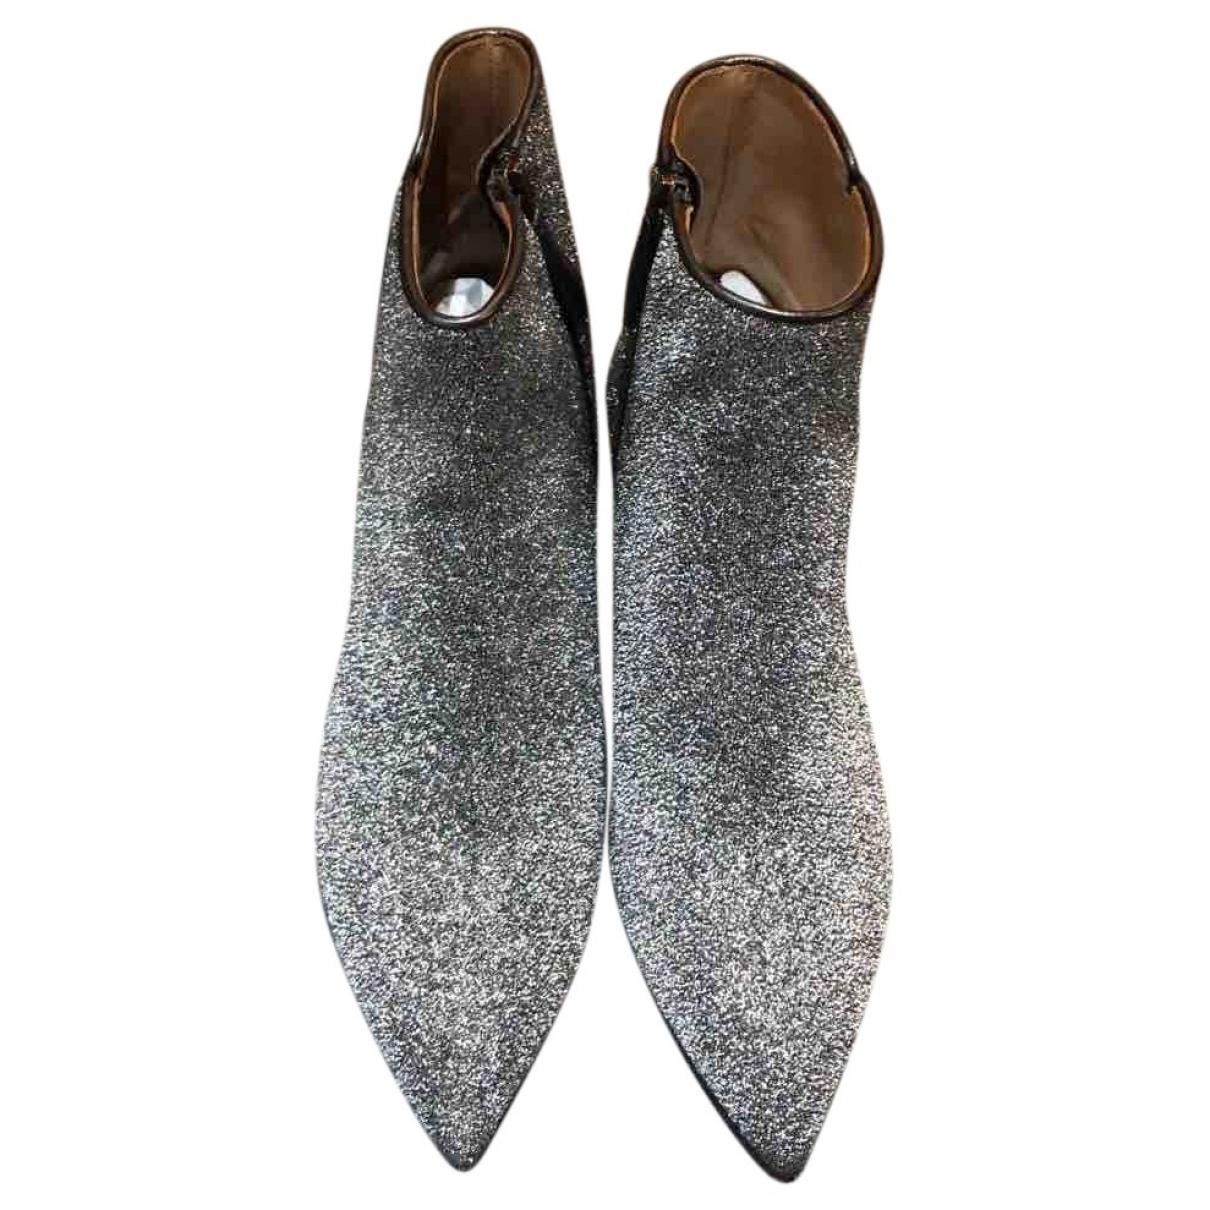 Aquazzura - Boots   pour femme en a paillettes - argente